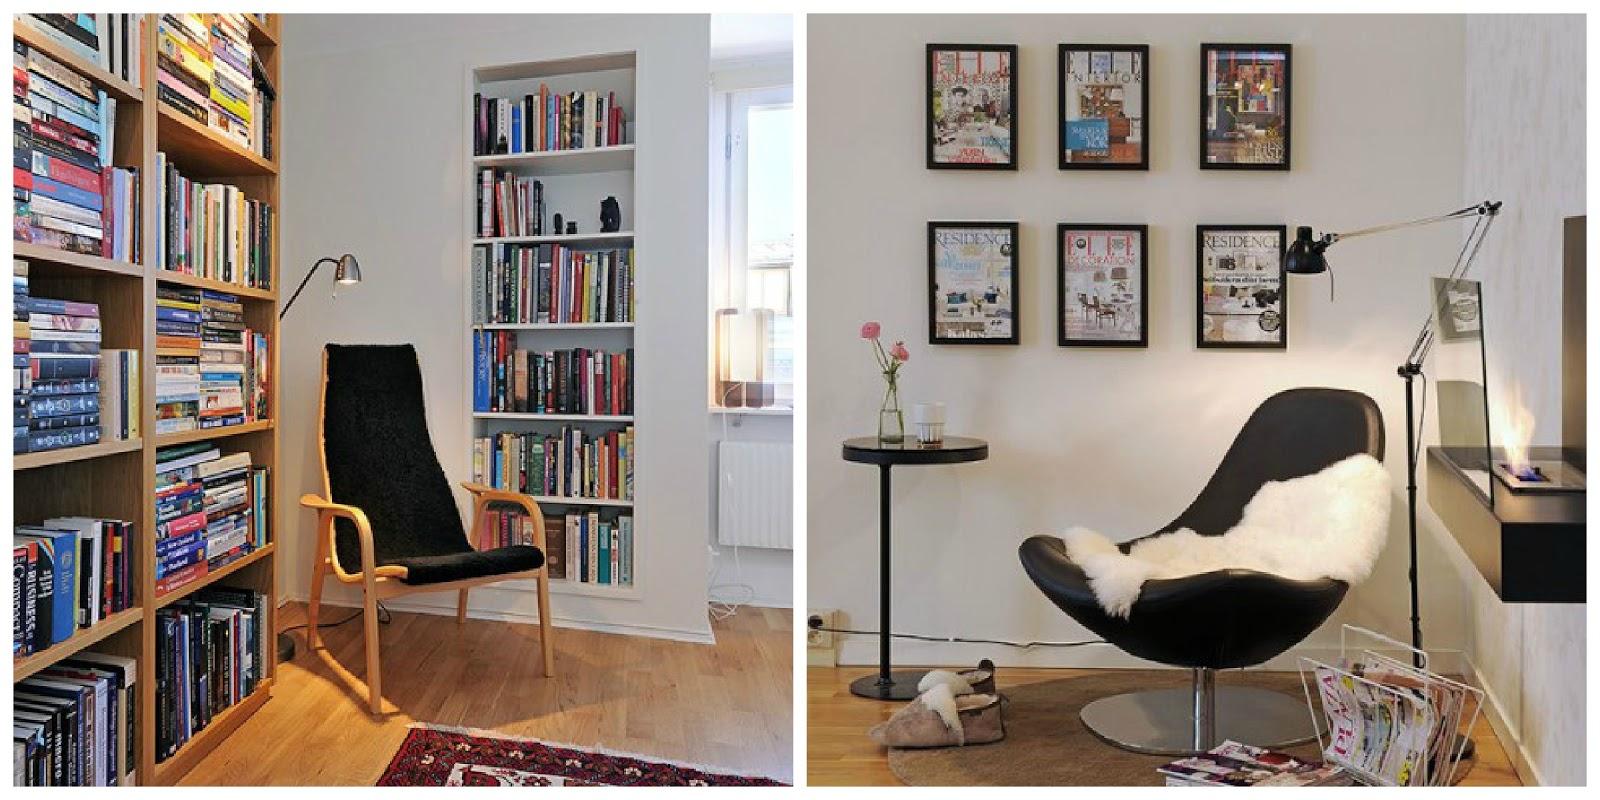 Homies rincones de lectura - Sillon para leer ...